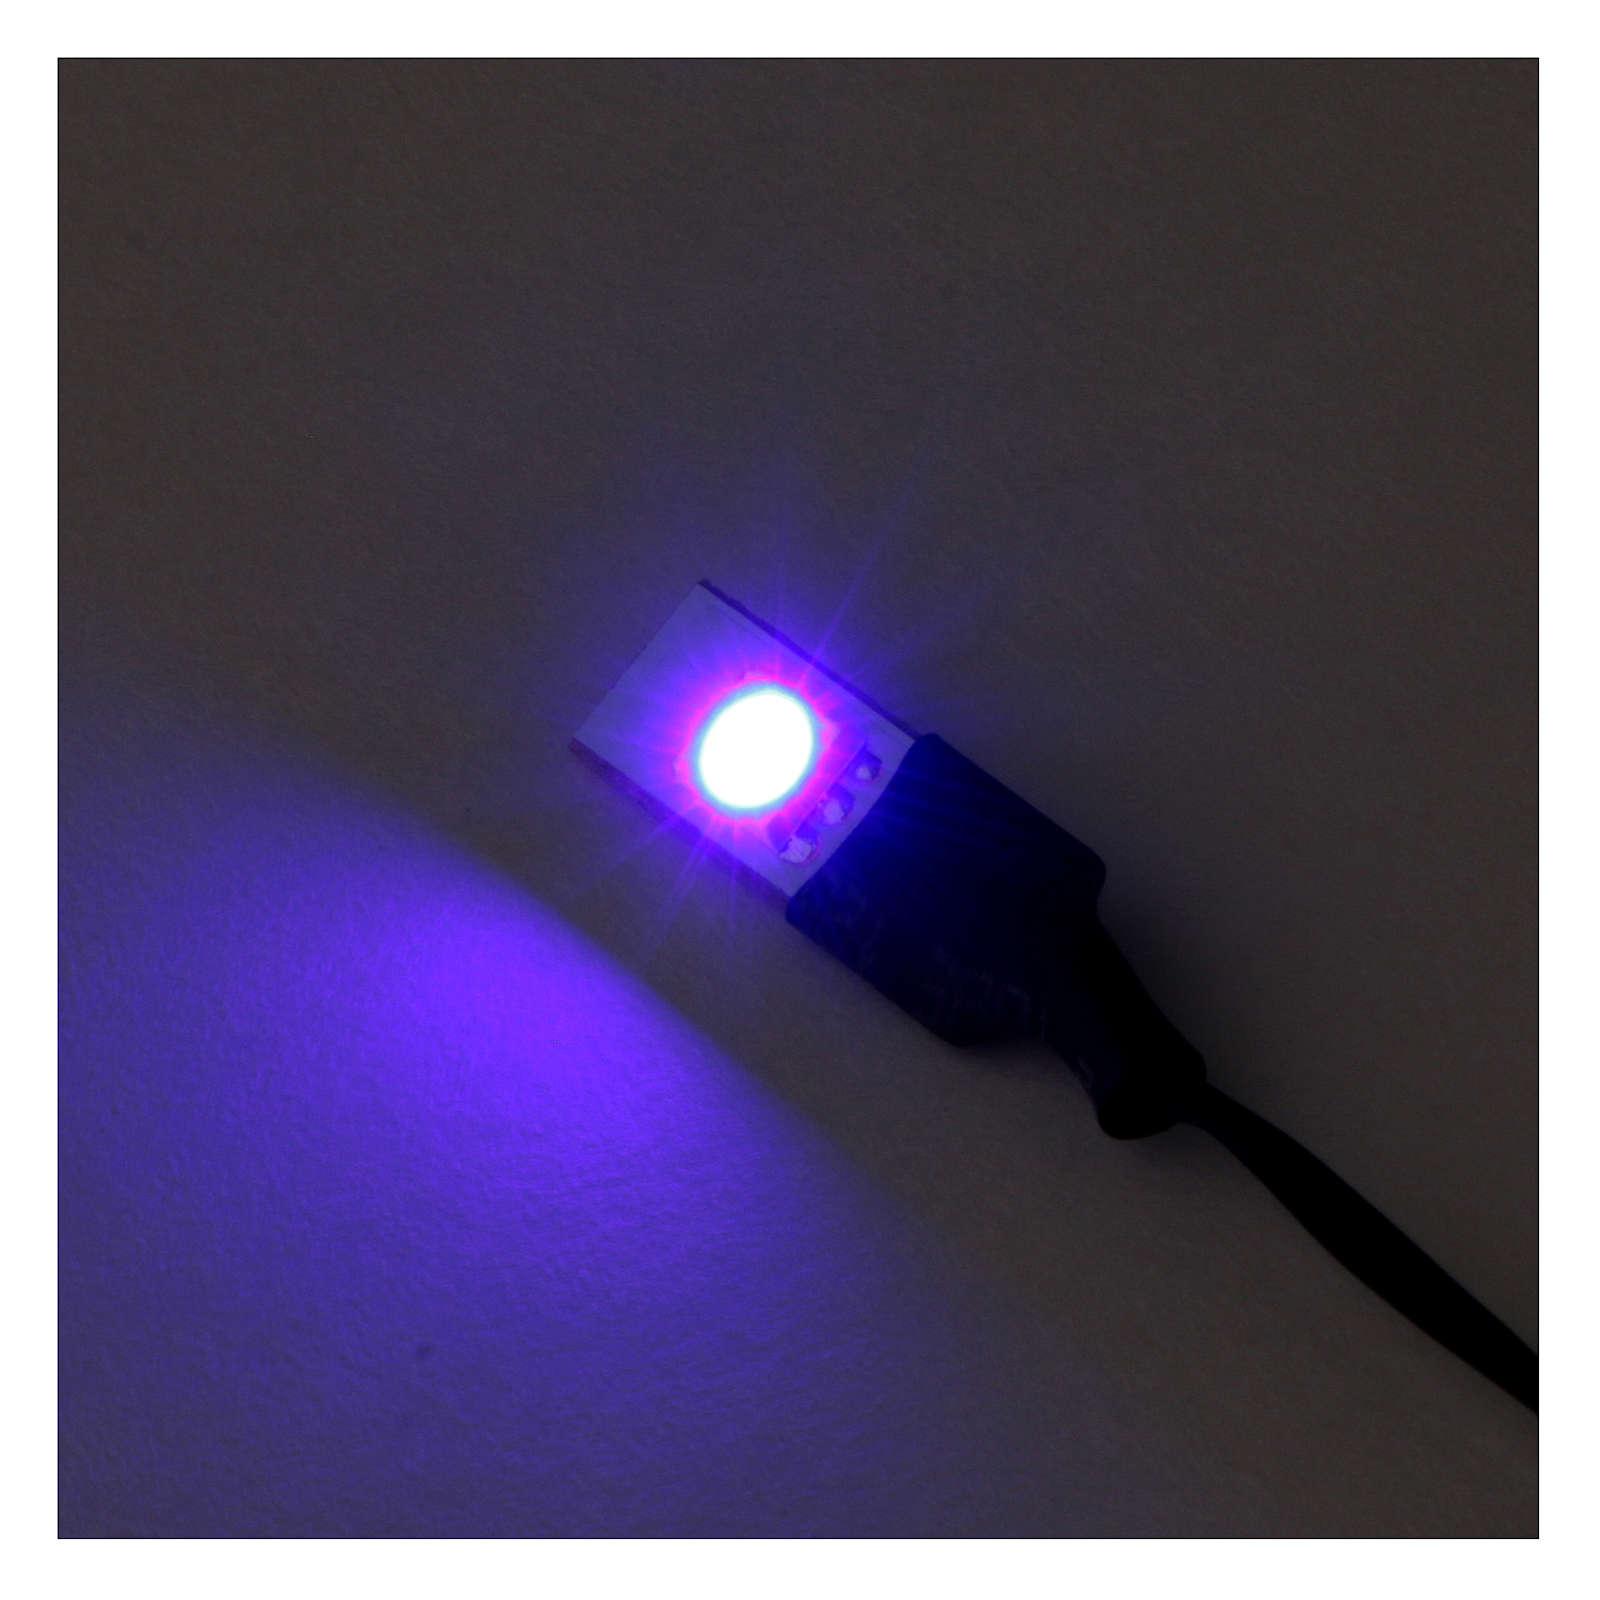 Blaues Led Licht Niederspannung Kabel 4